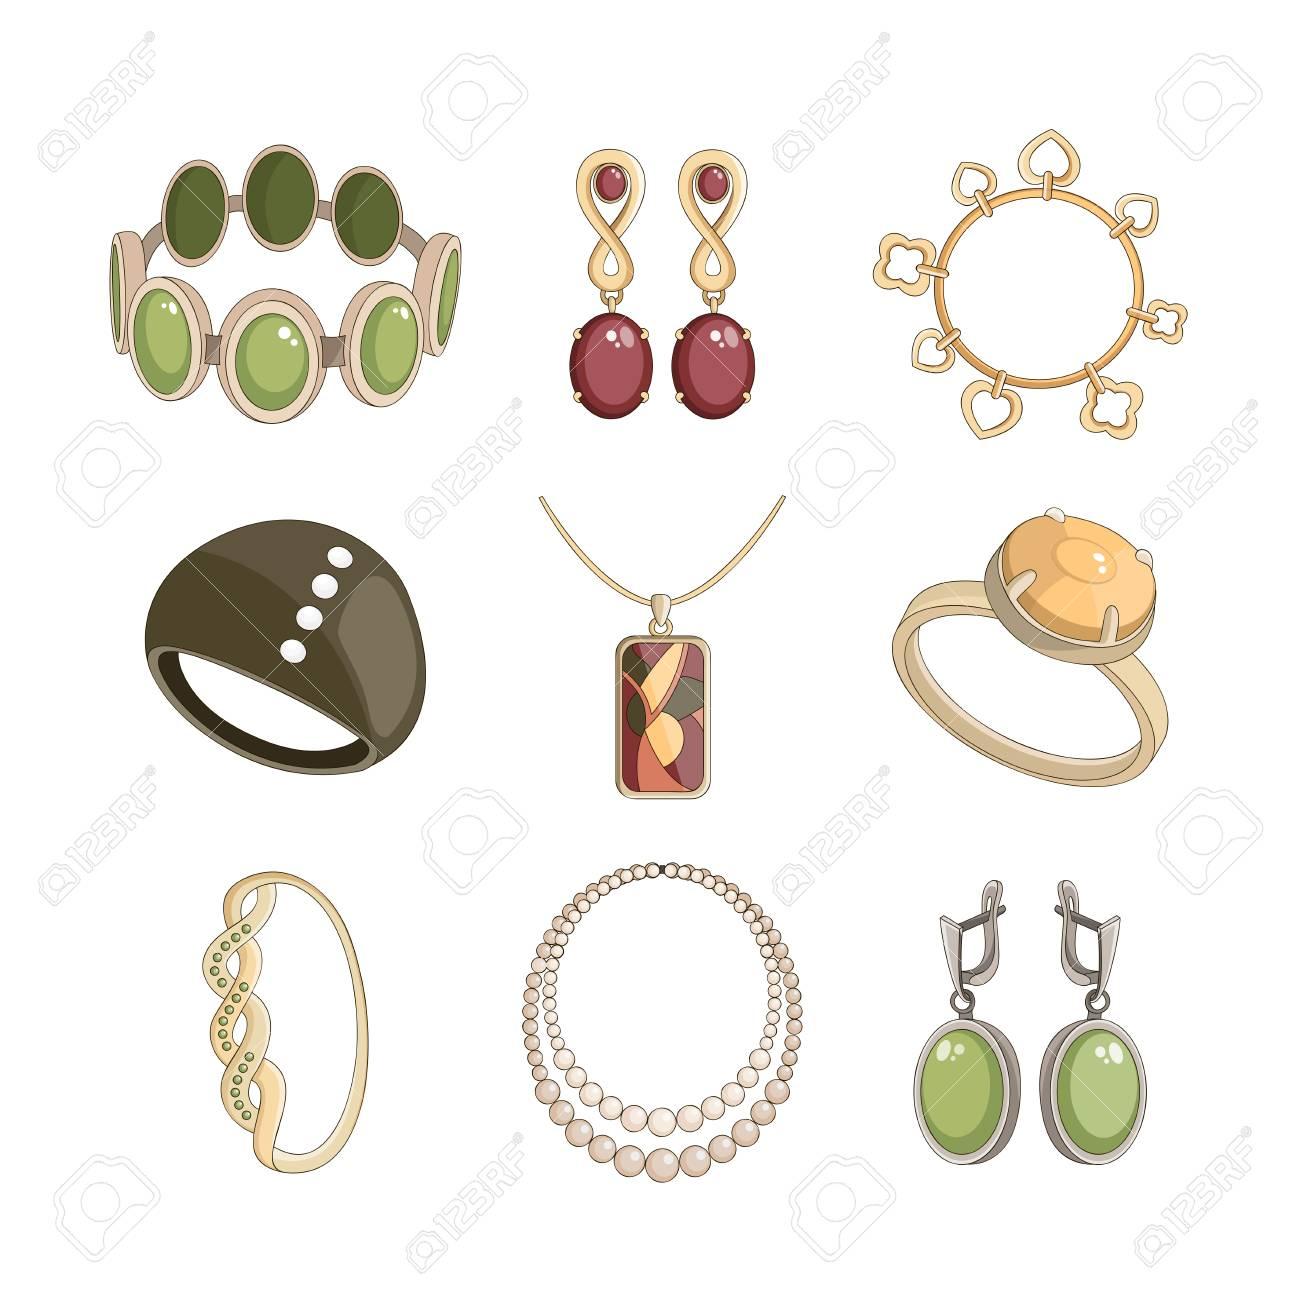 88063182044f Conjunto de la joyería realista con pendientes pulsera y anillos de  ilustración vectorial aislado Foto de